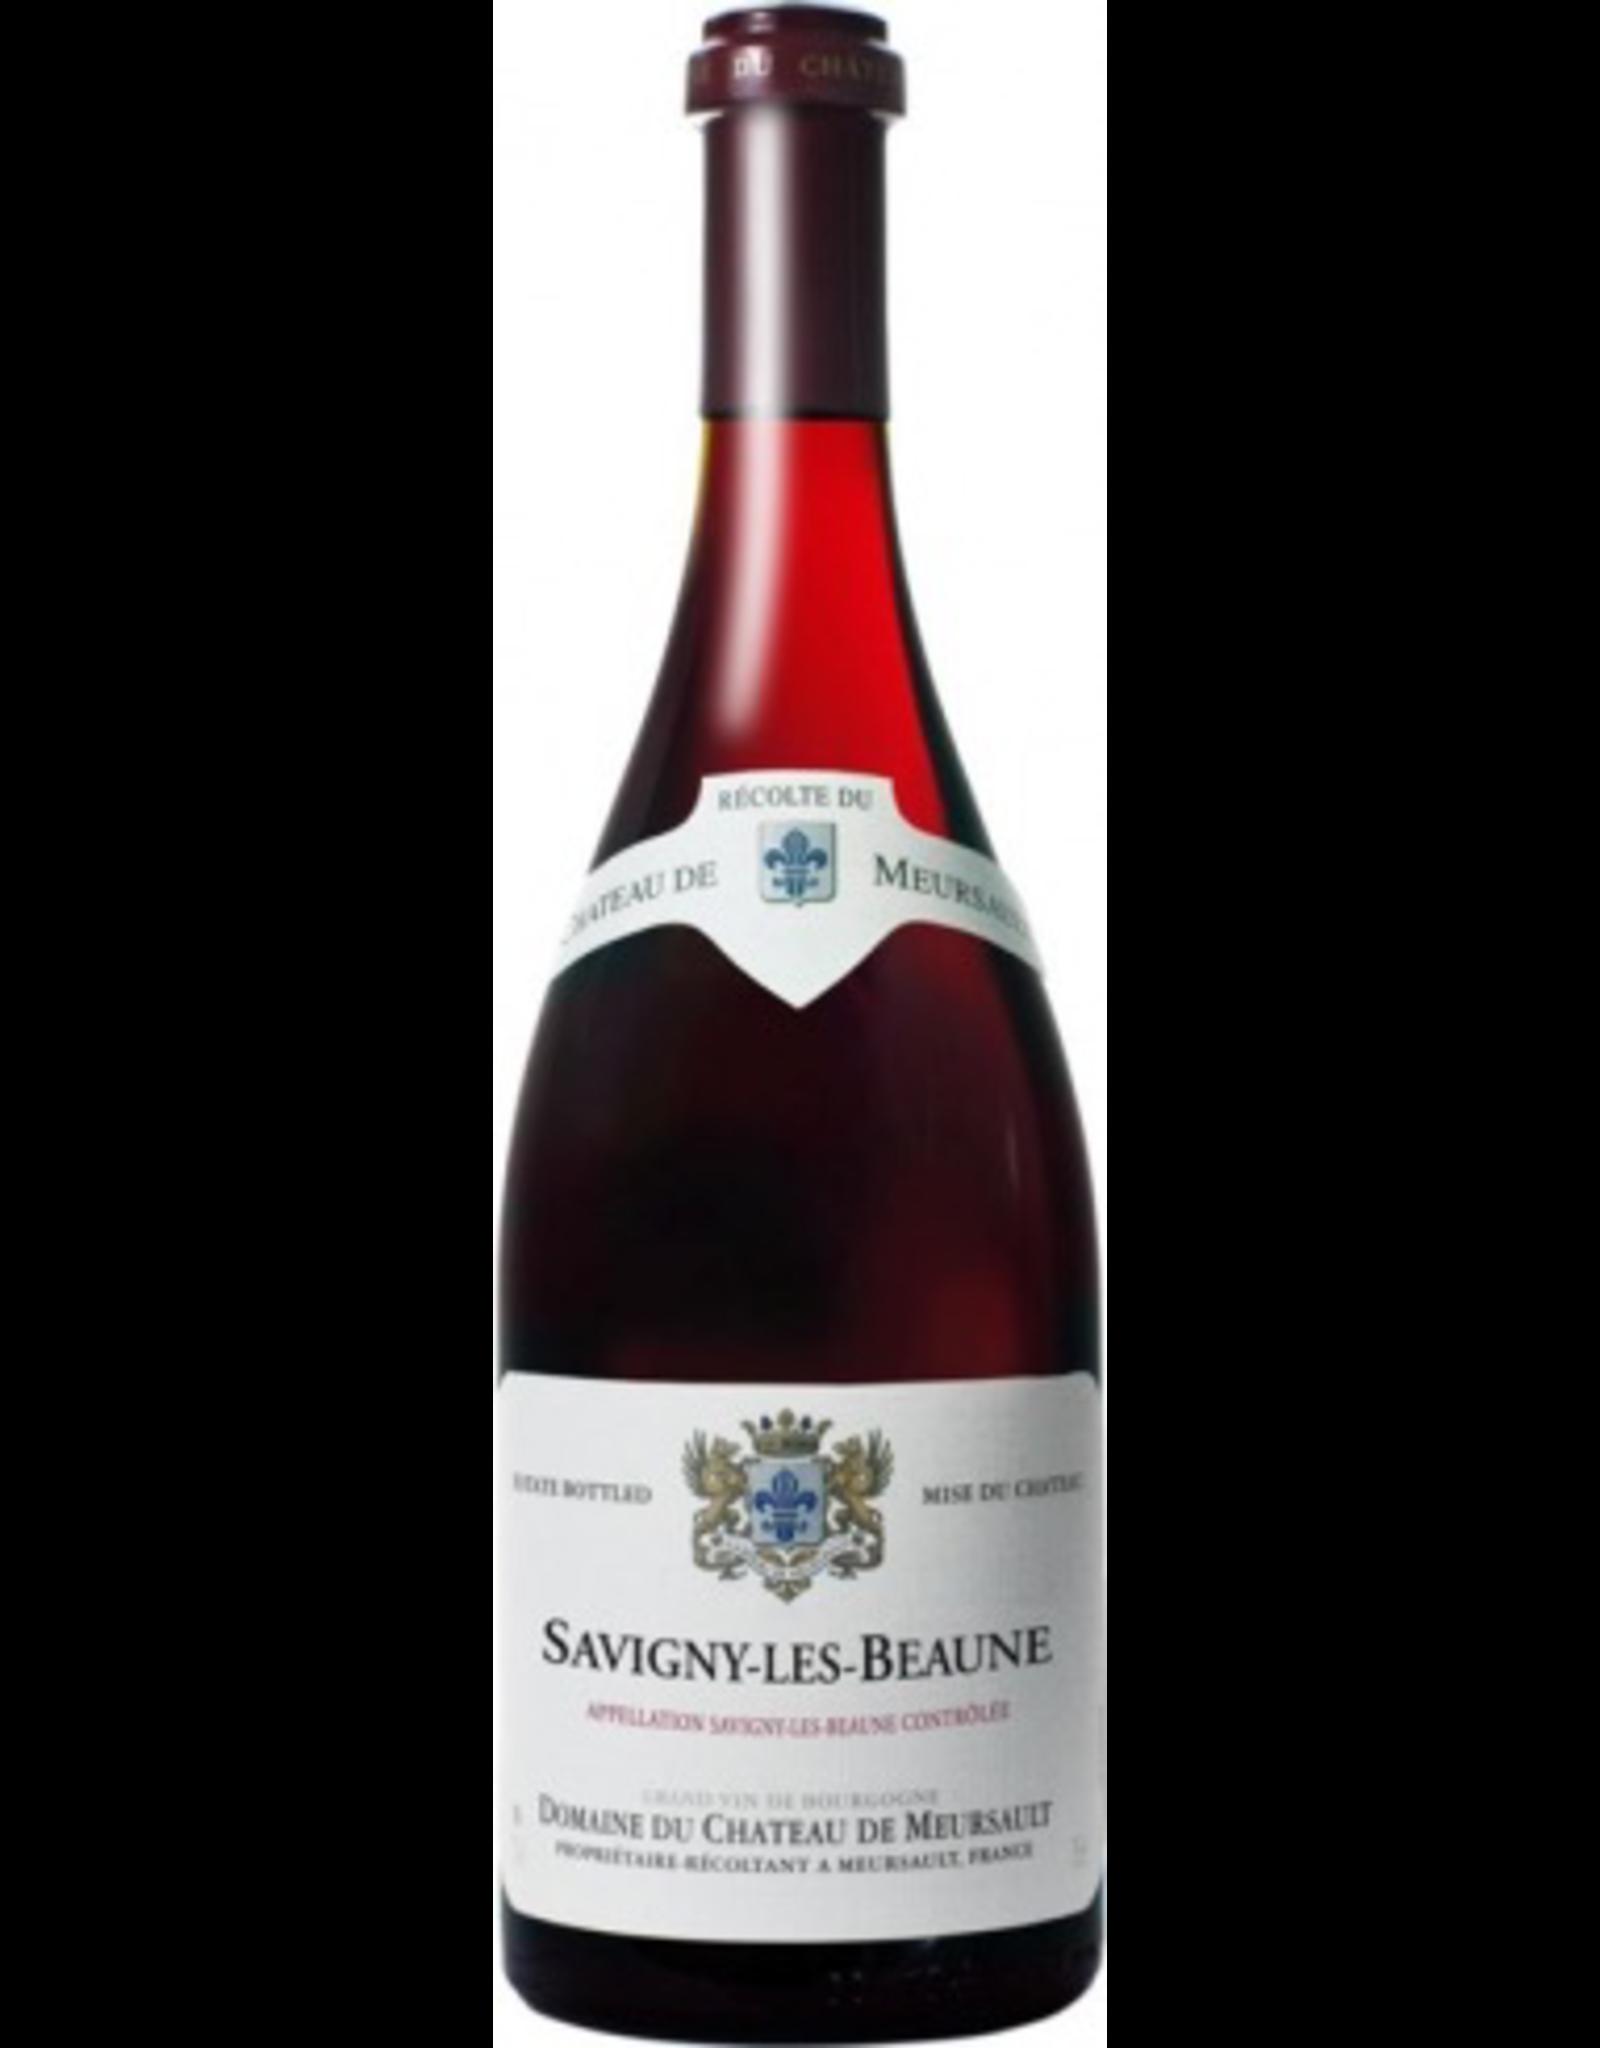 Red Wine 2016, Chateau De Meursault Savigny-Les-Beaune, Pinot Noir, Savigny-les-Beaune, Cote-d'Or,  France, 14% Alc, TW93